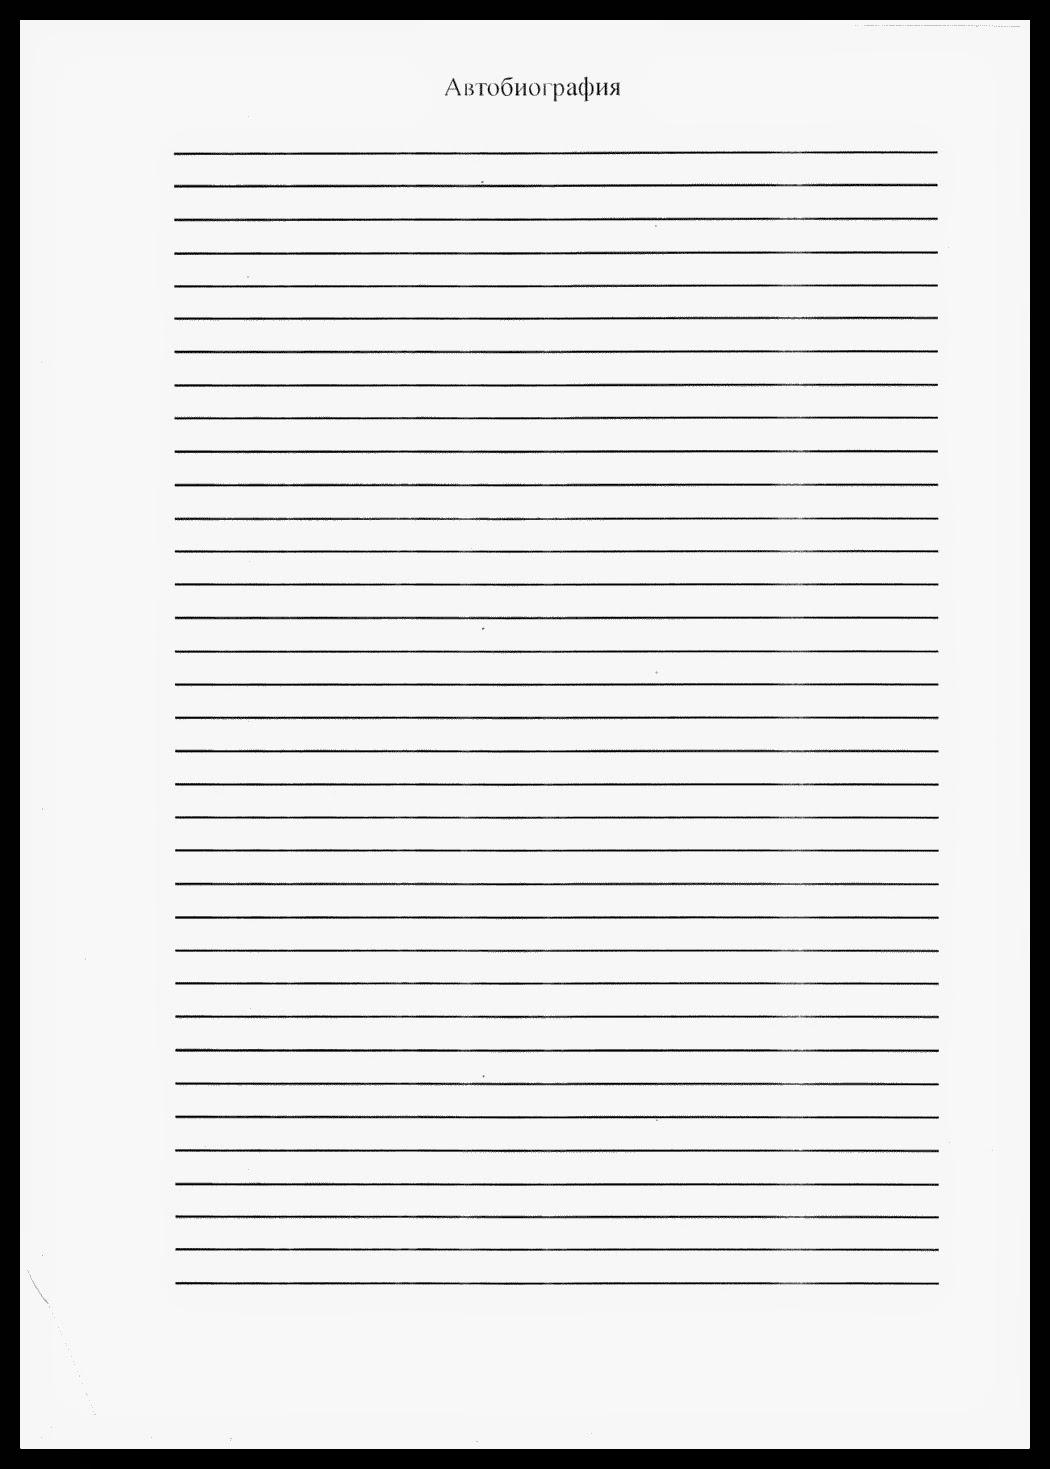 автобиография образец для службы по контракту